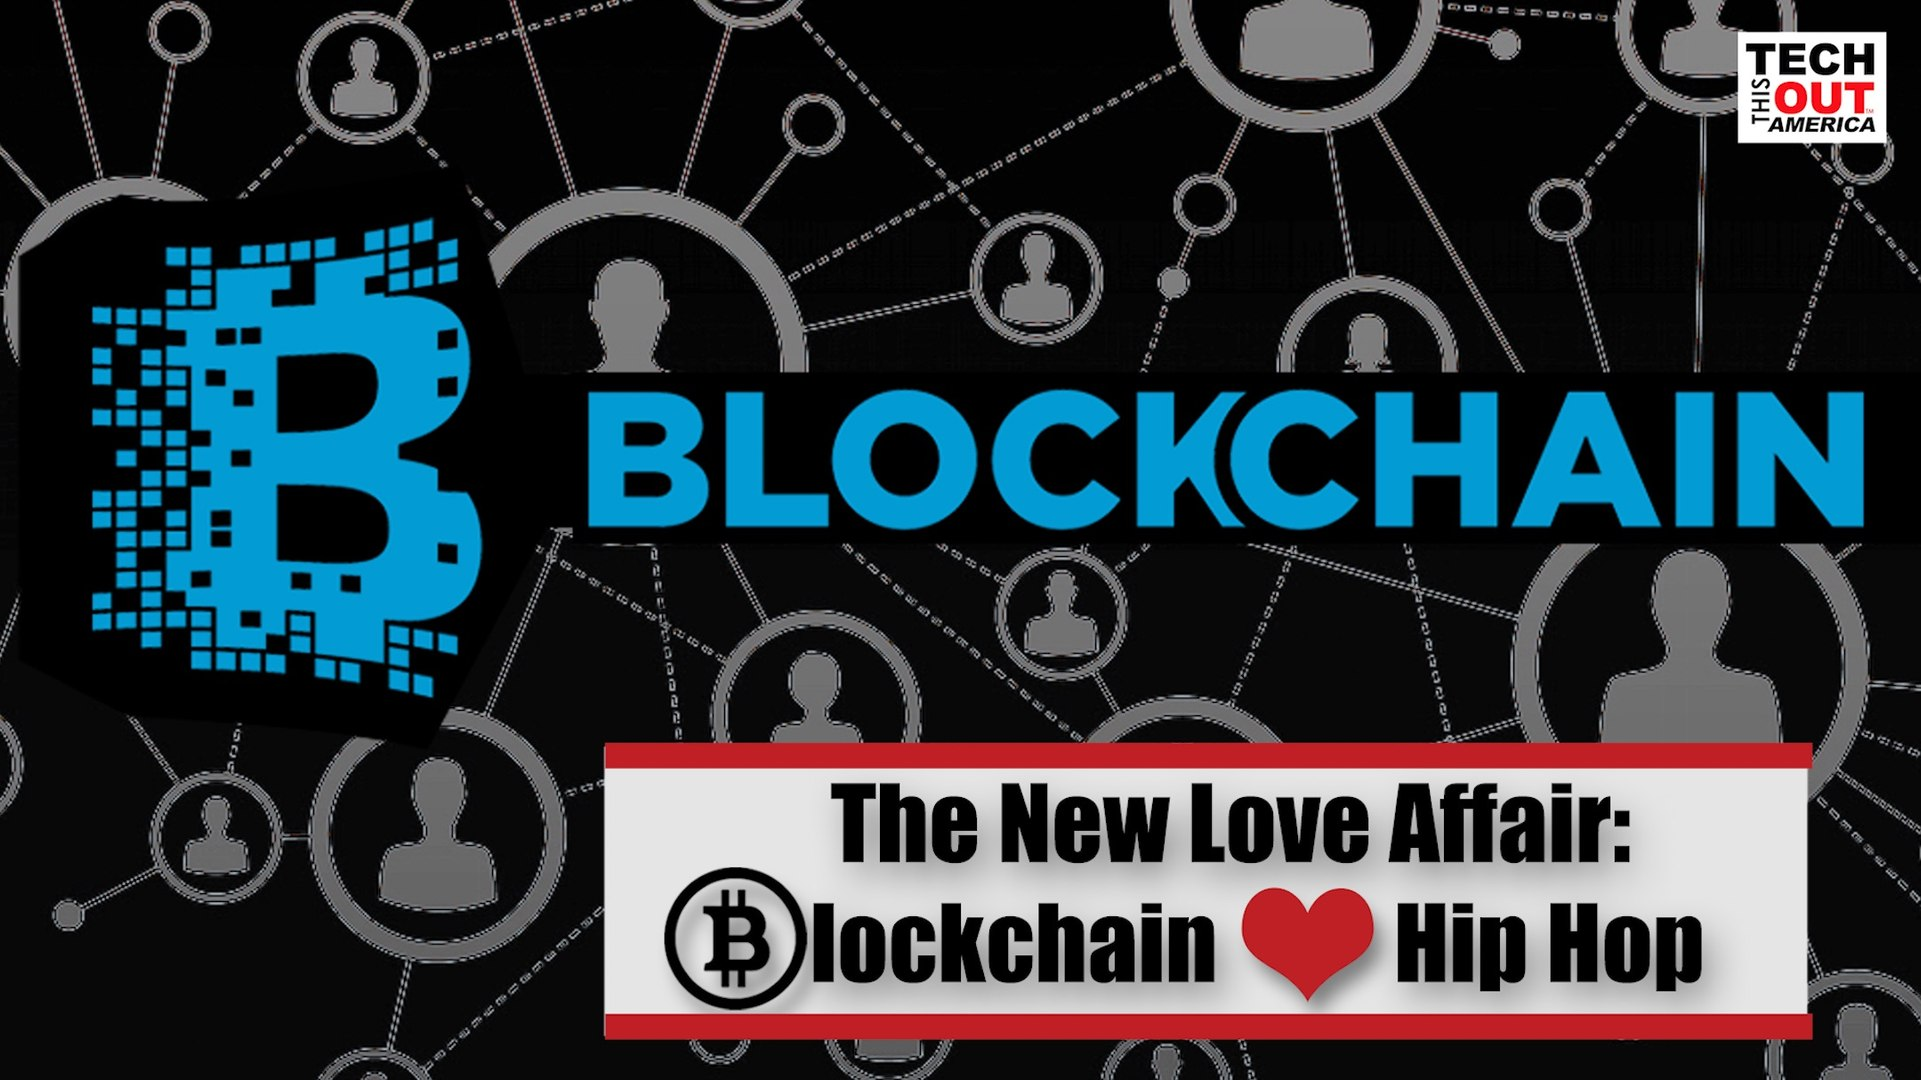 Blockchain & Hip/Hop: The New Love Affair